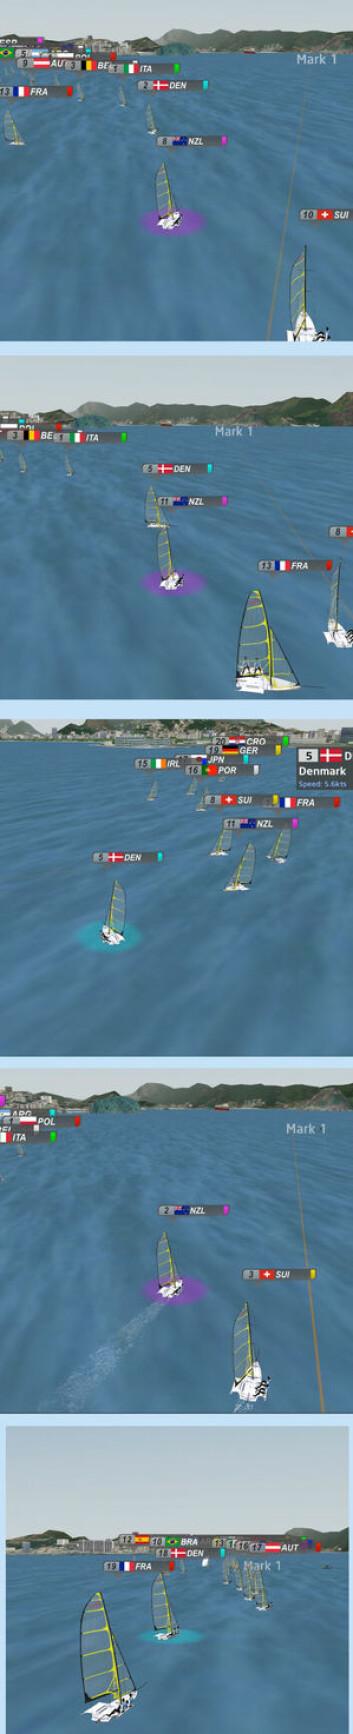 SJEKK: Danmark lå nr 2 på kryssen i fjerde seilas. NZ 8. Begge har fri vind til kryssmerket, men Danmark velger å slå. Danmark seiler seg inn i røkla på layline (bilde 3). Vinde rommer, og NZ står opp ...